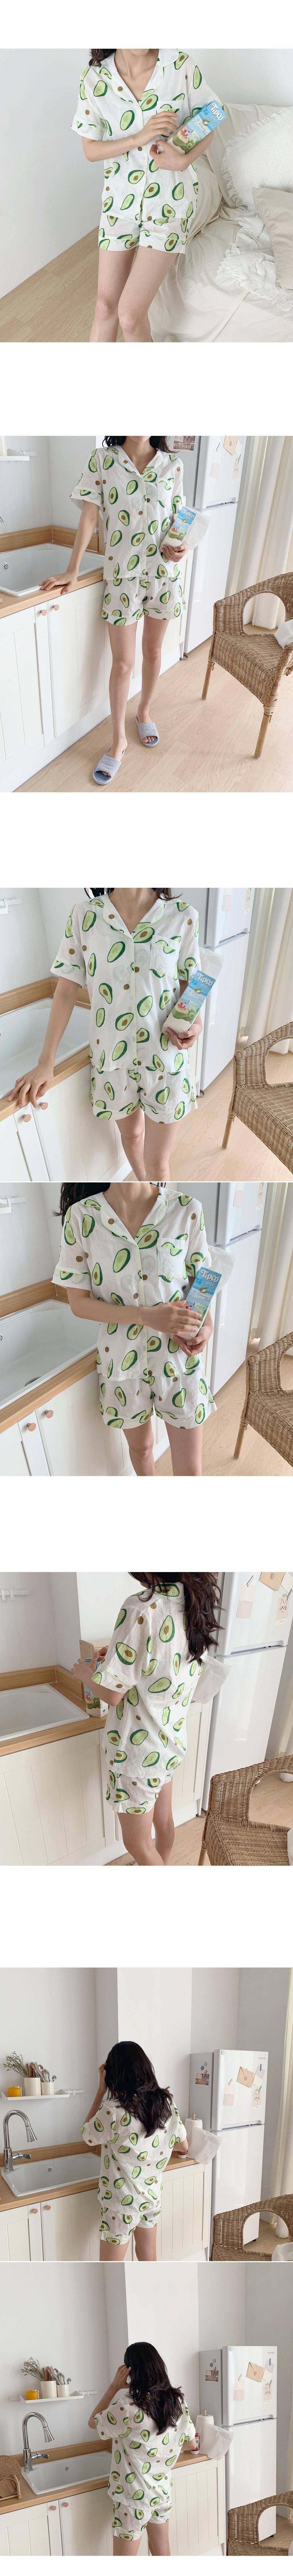 Avocado Pajama Set _Y